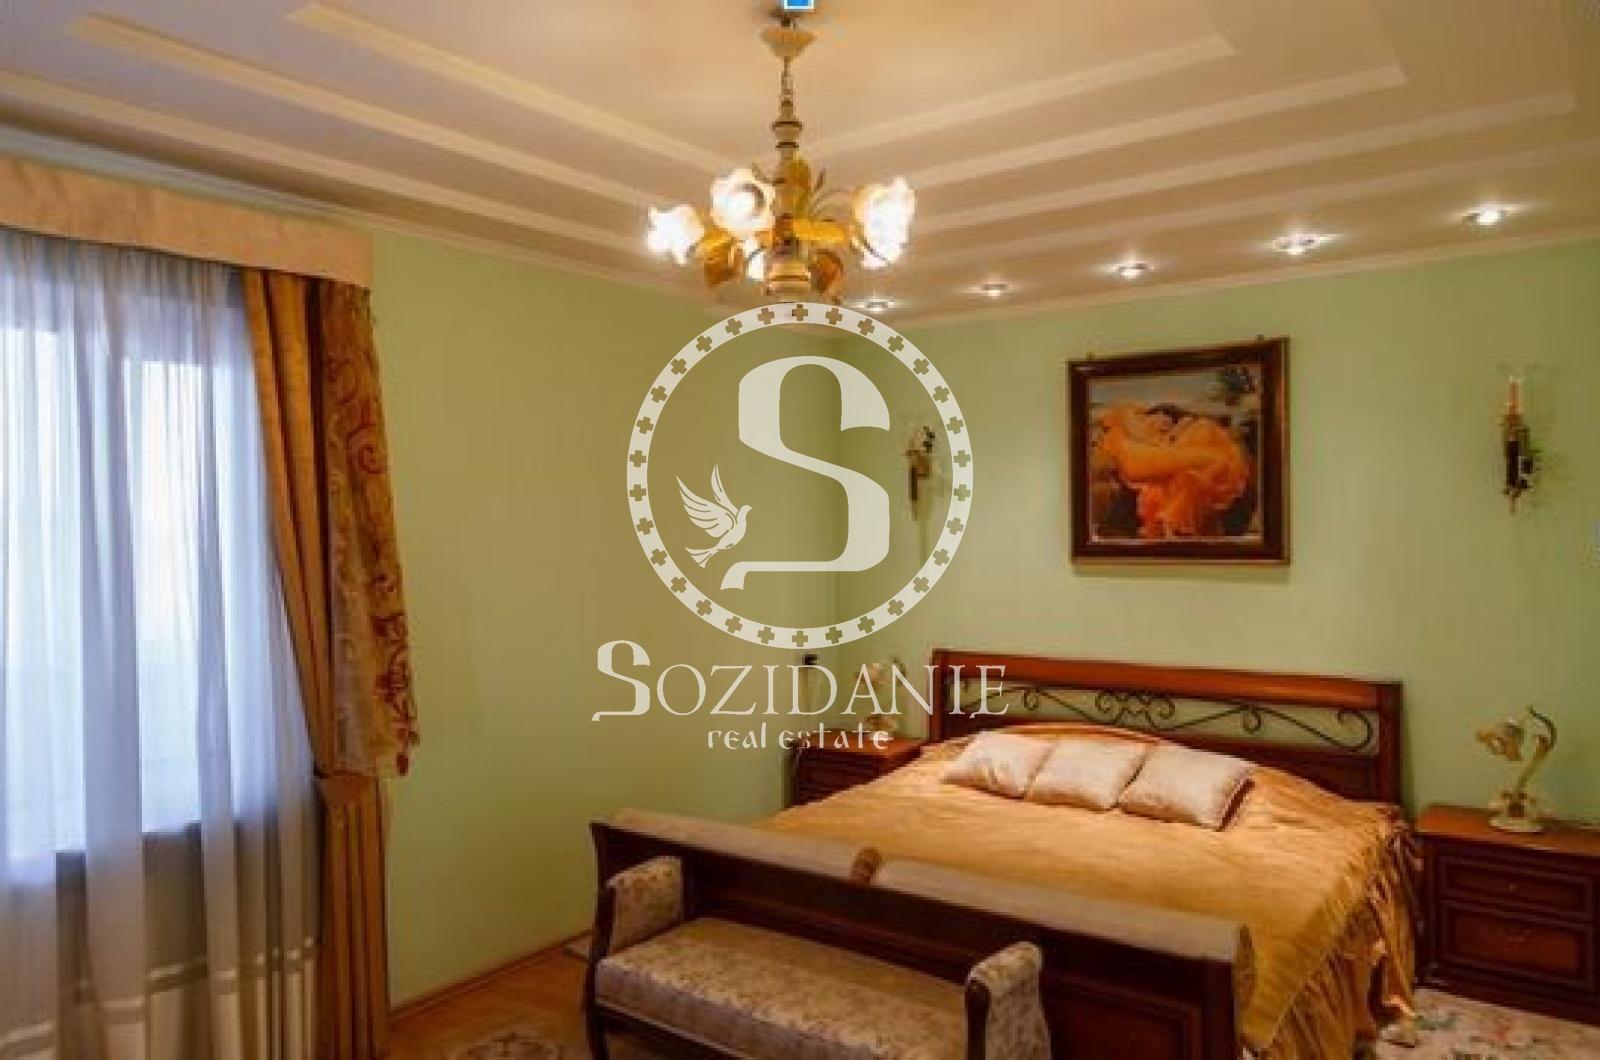 4 Bedrooms, Загородная, Аренда, Listing ID 1453, Московская область, Россия,